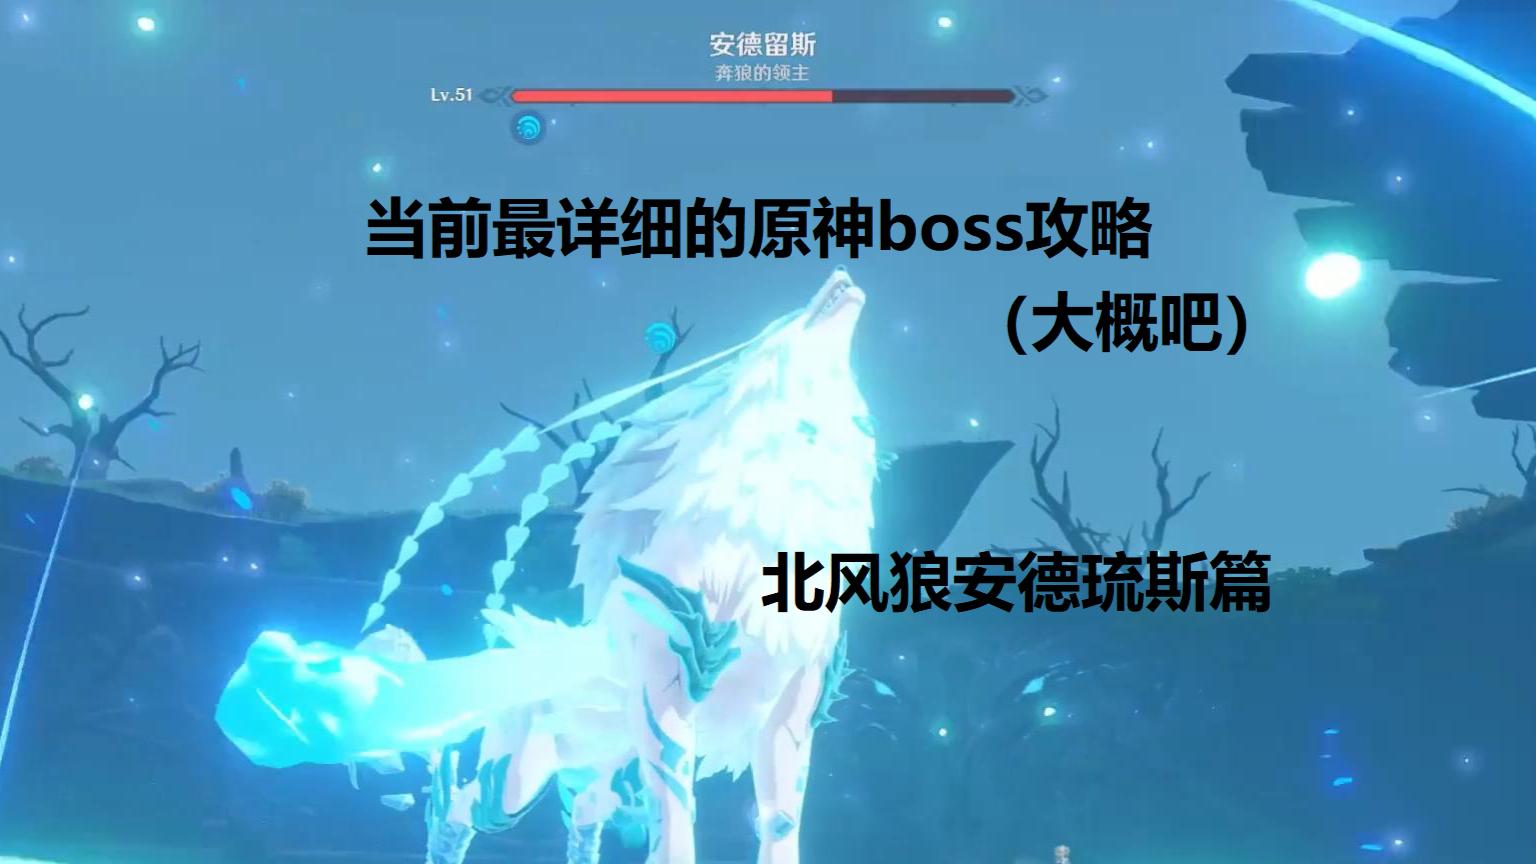 没玩过也能懂的原神boss攻略 第五期【北风狼安德琉斯篇】